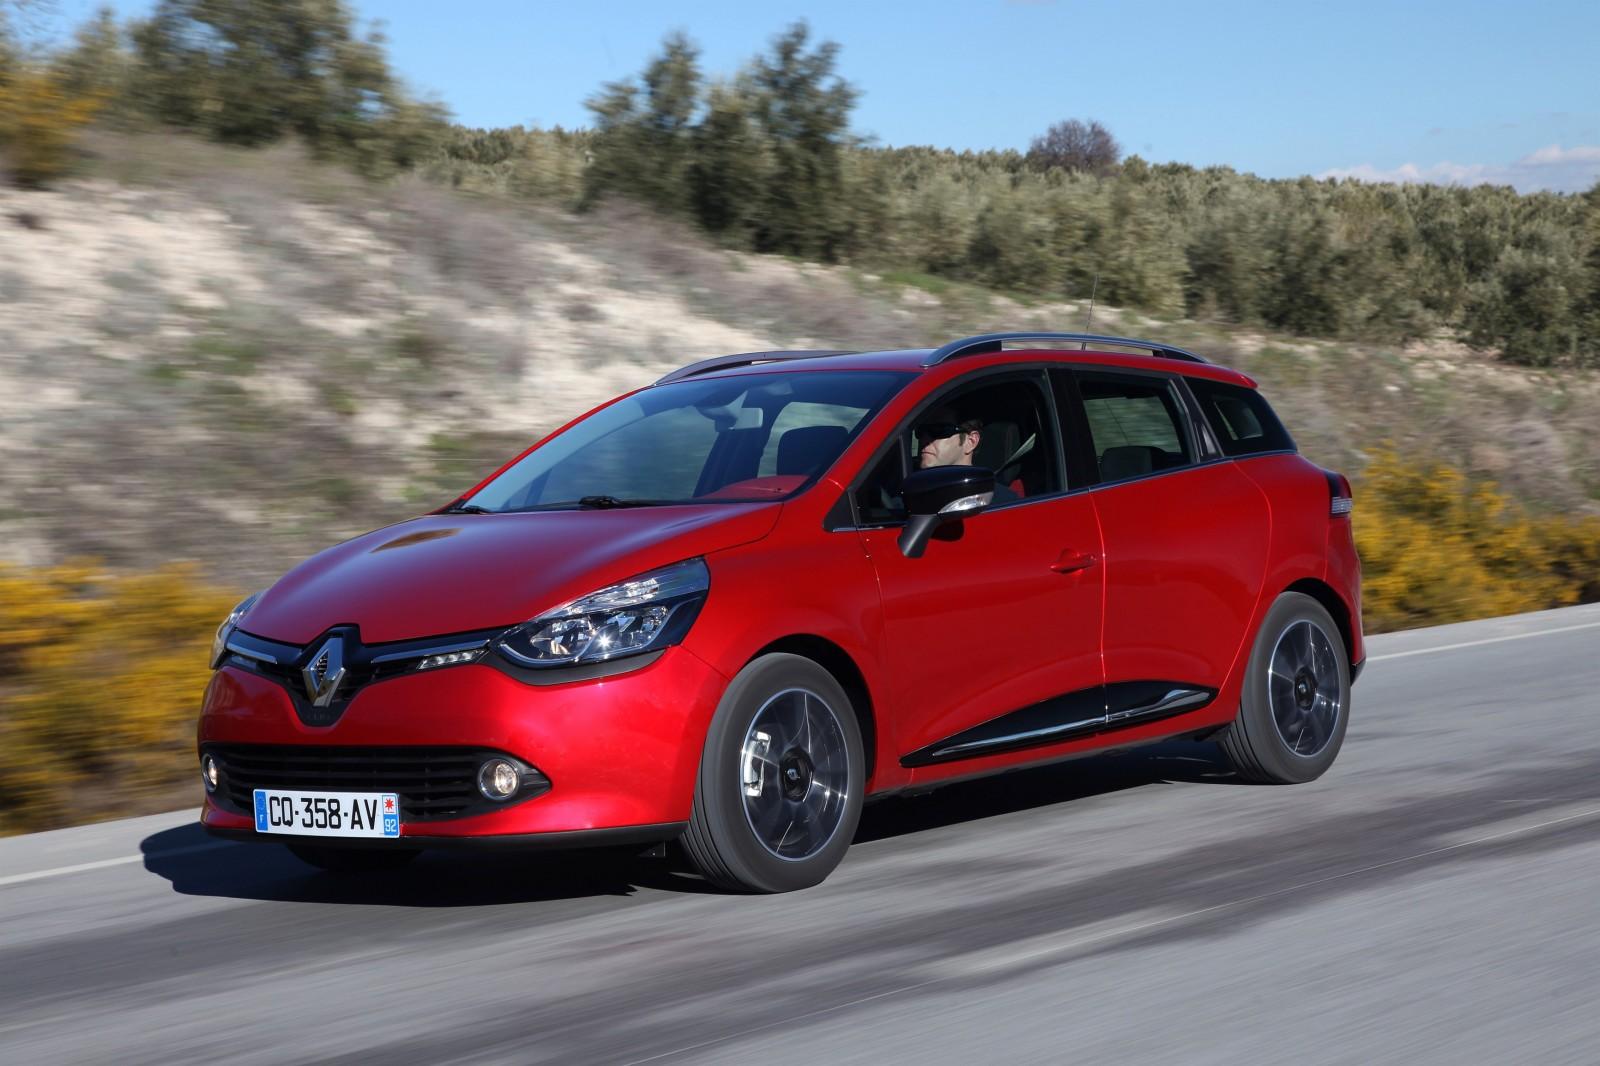 Renault_45377_global_en